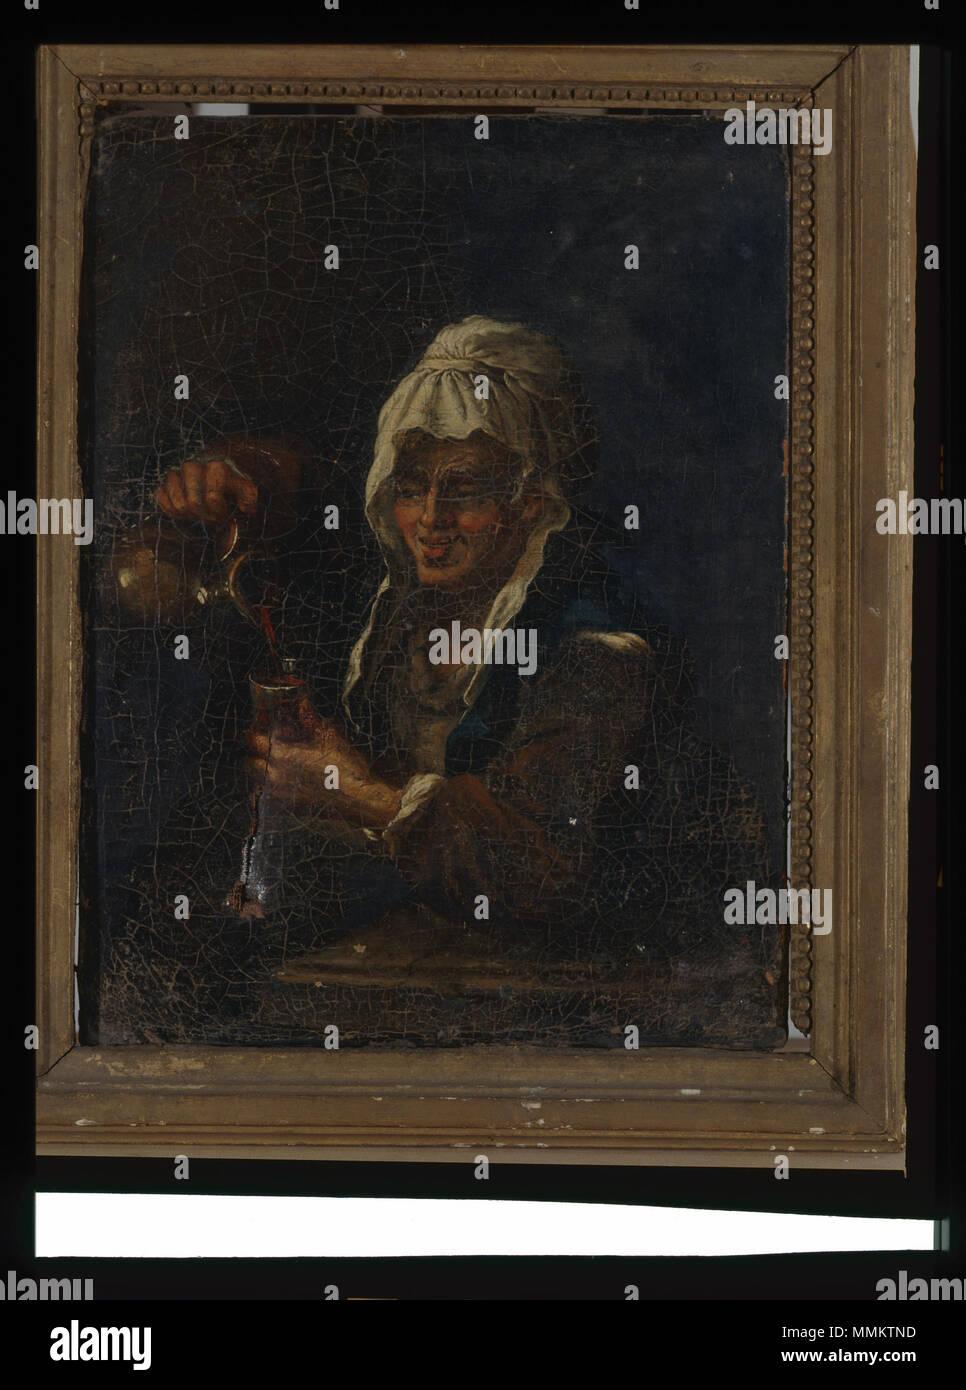 Buveuse - anonyme - Musée d'art et d'histoire de Saint-Brieuc, DOC 106 Foto Stock